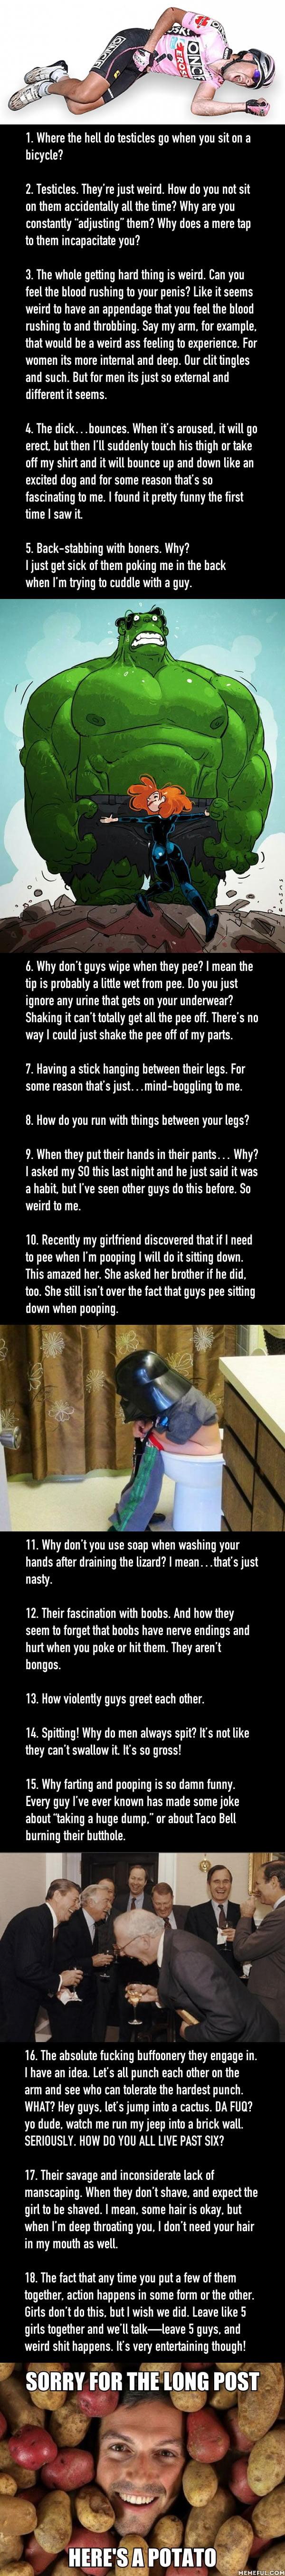 18 Girls Describe The Weirdest Thing About Guys